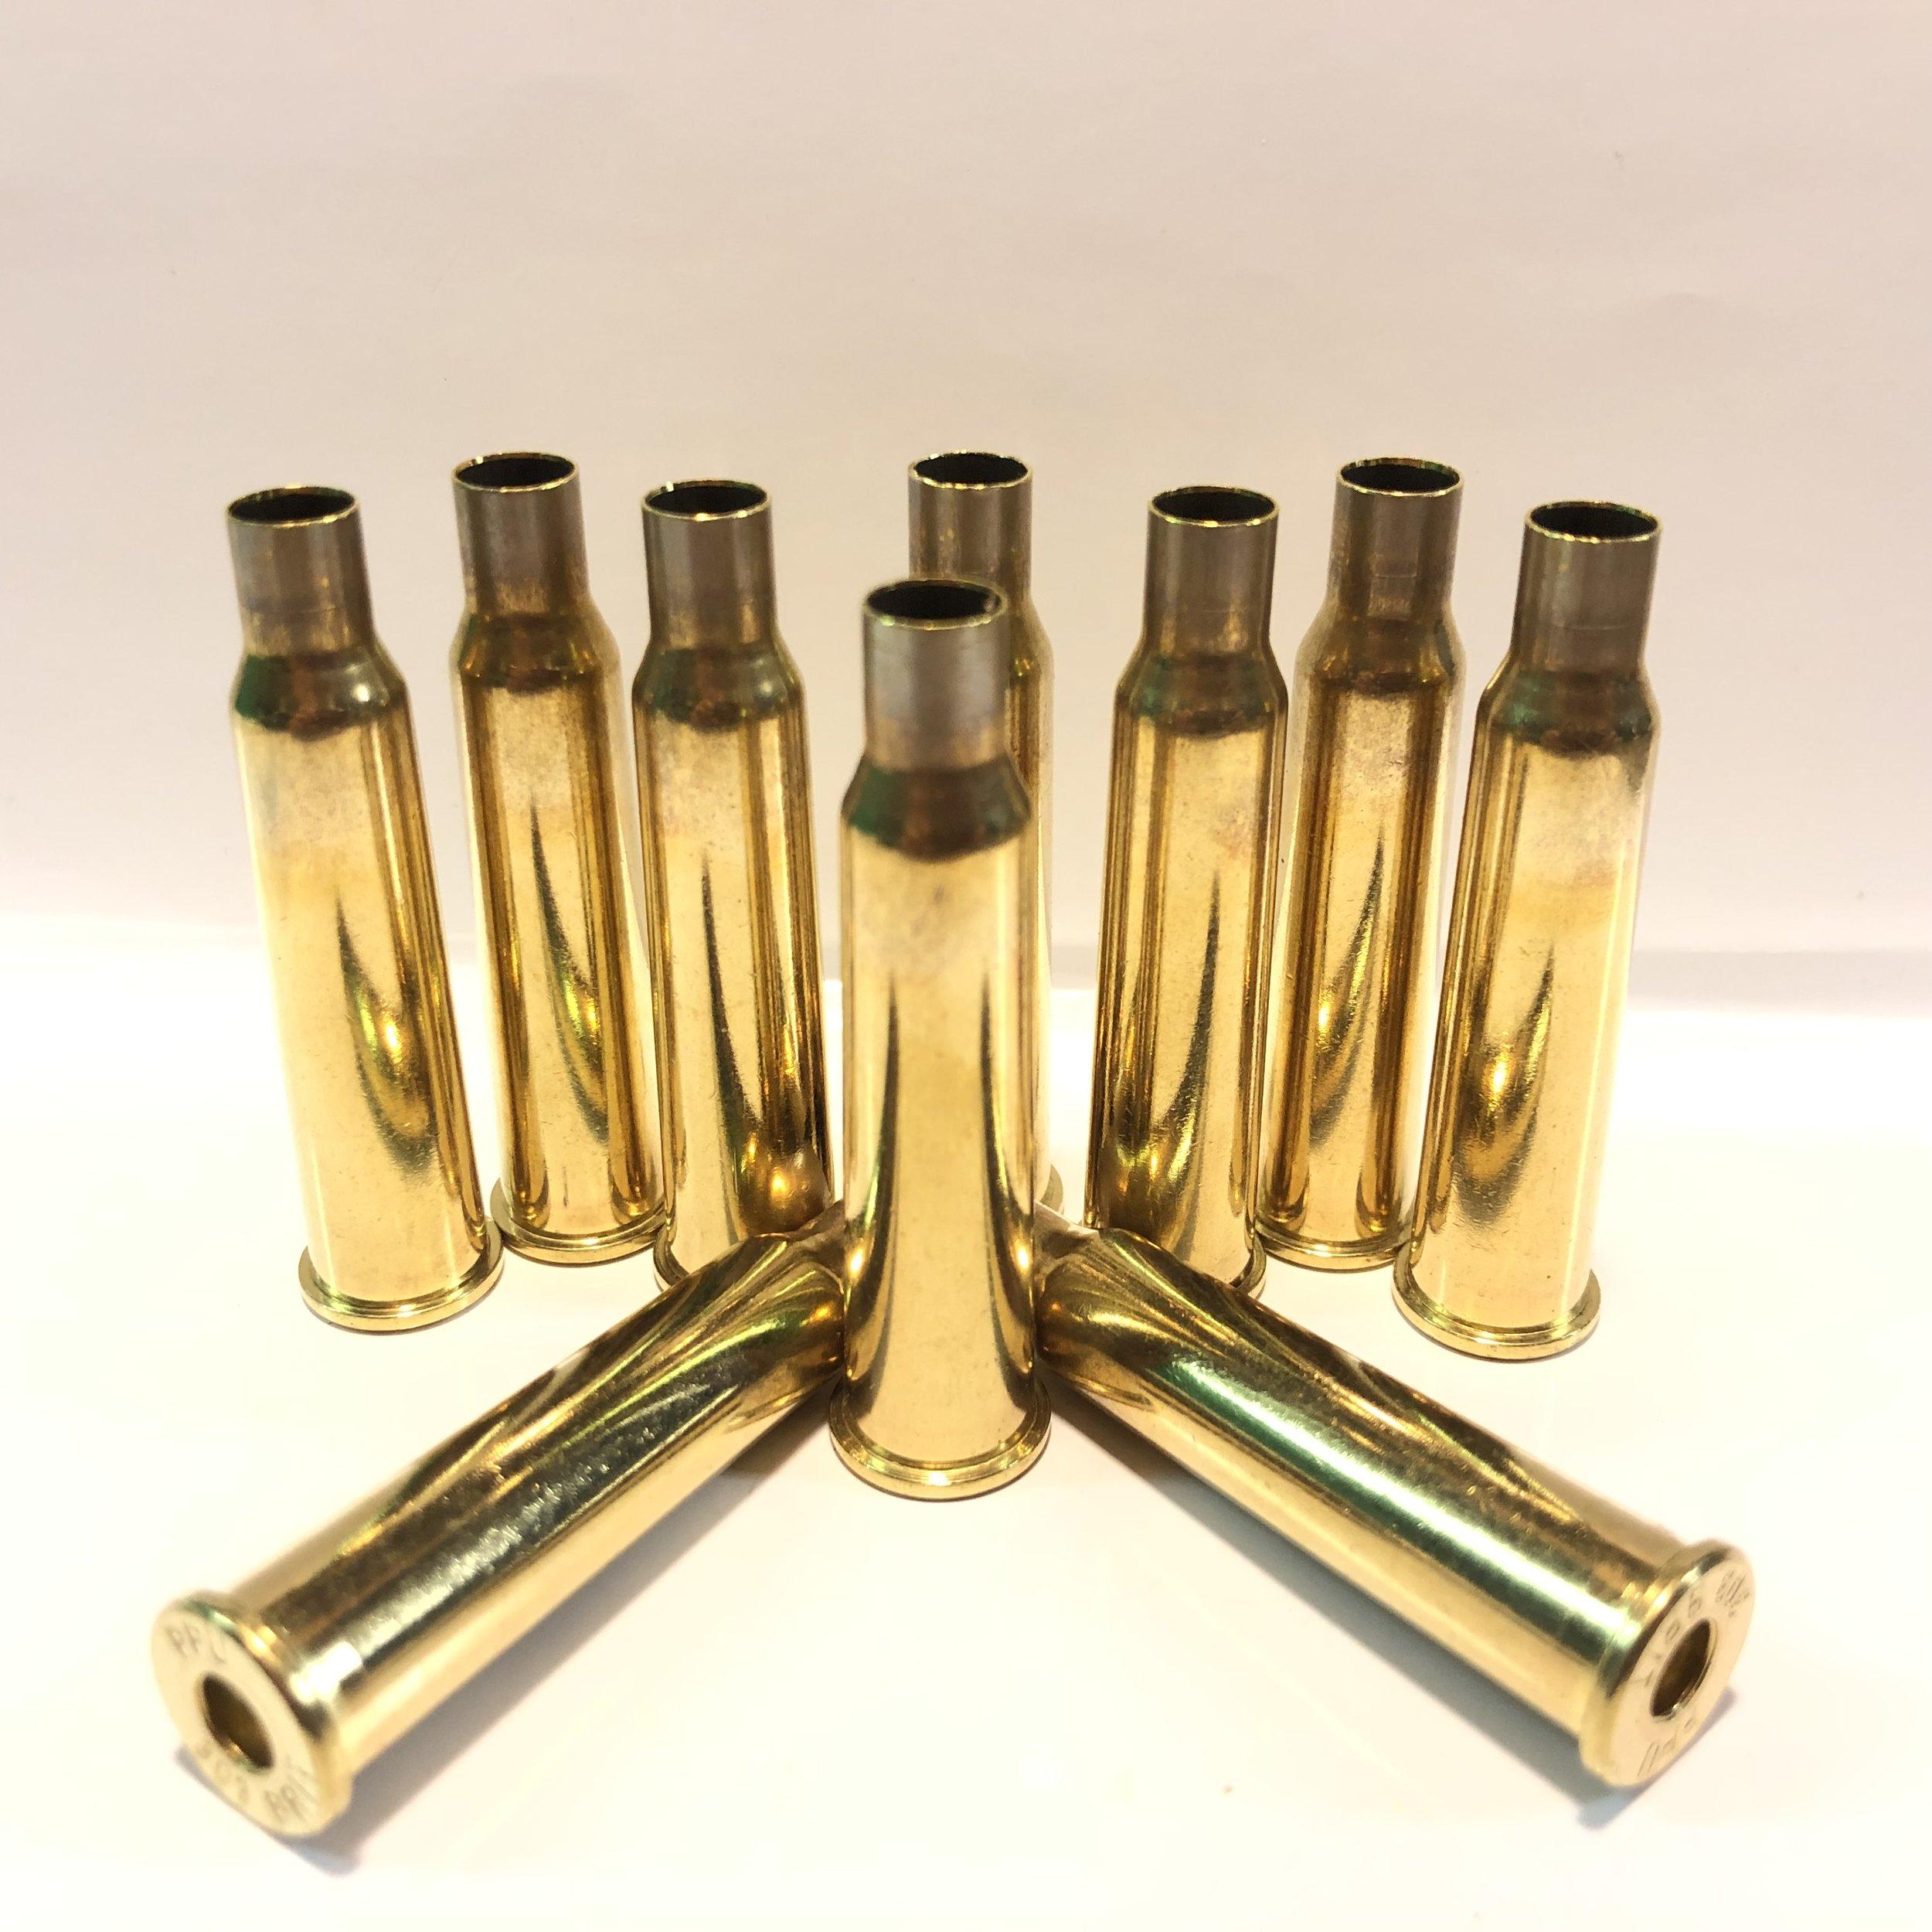 6.5X53R Dutch Mannlicher (AmmunitionArtifacts)